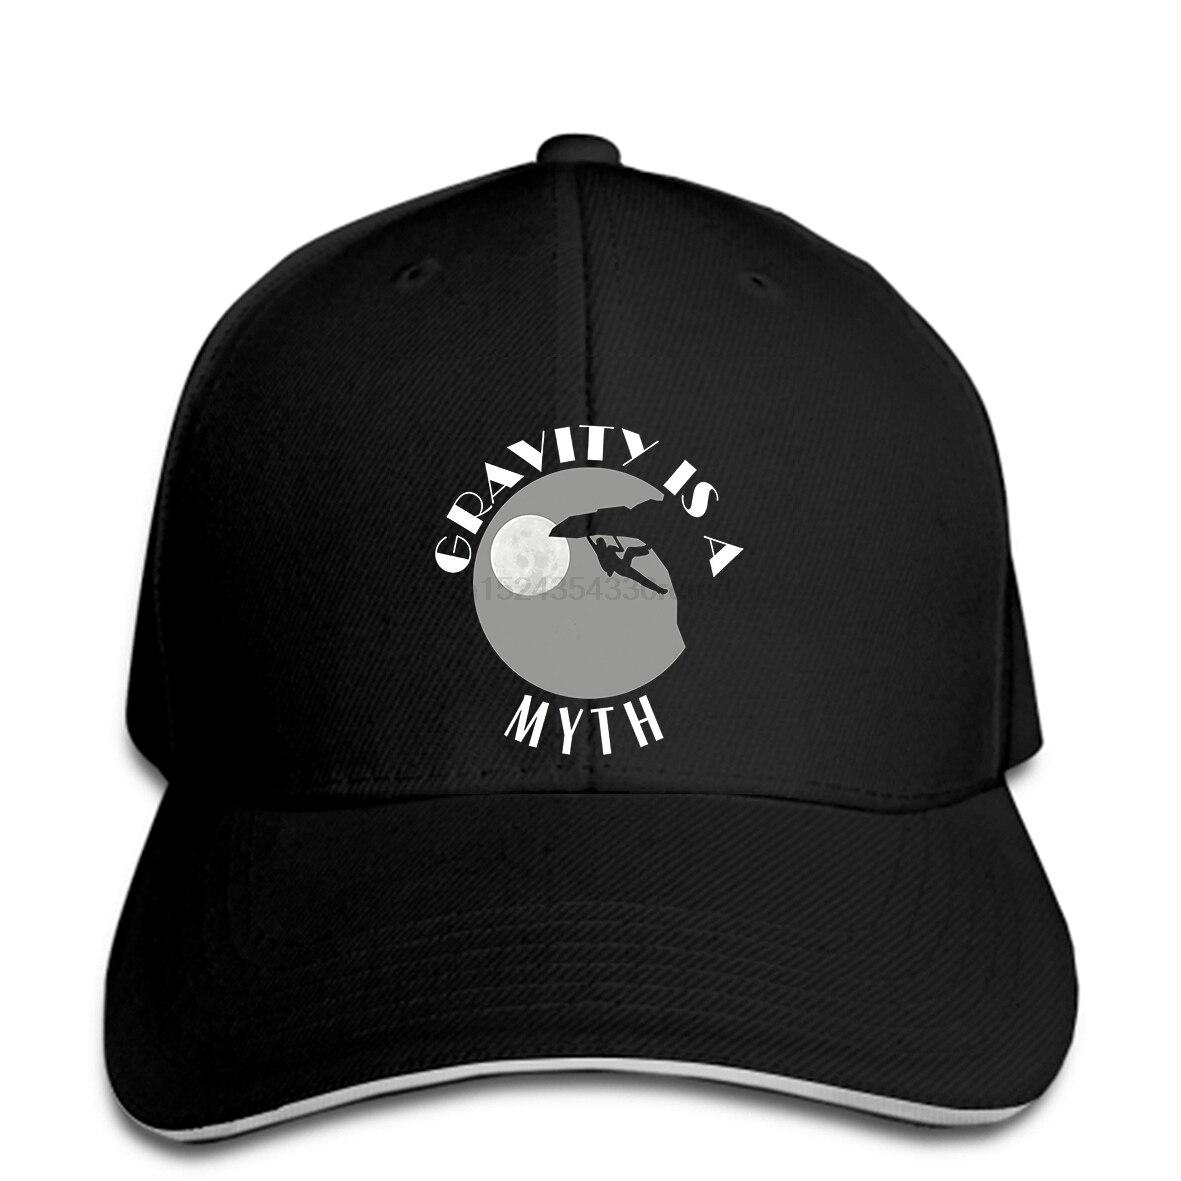 Gorra de béisbol para hombre, divertida roca para escaladores, genial gorra Snapback estampada, gorra con visera